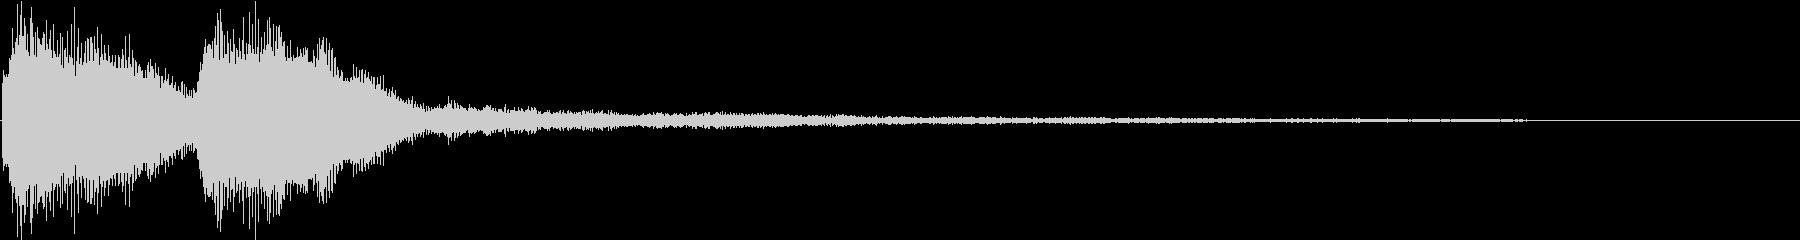 KANTクイズの時のジングル7の未再生の波形